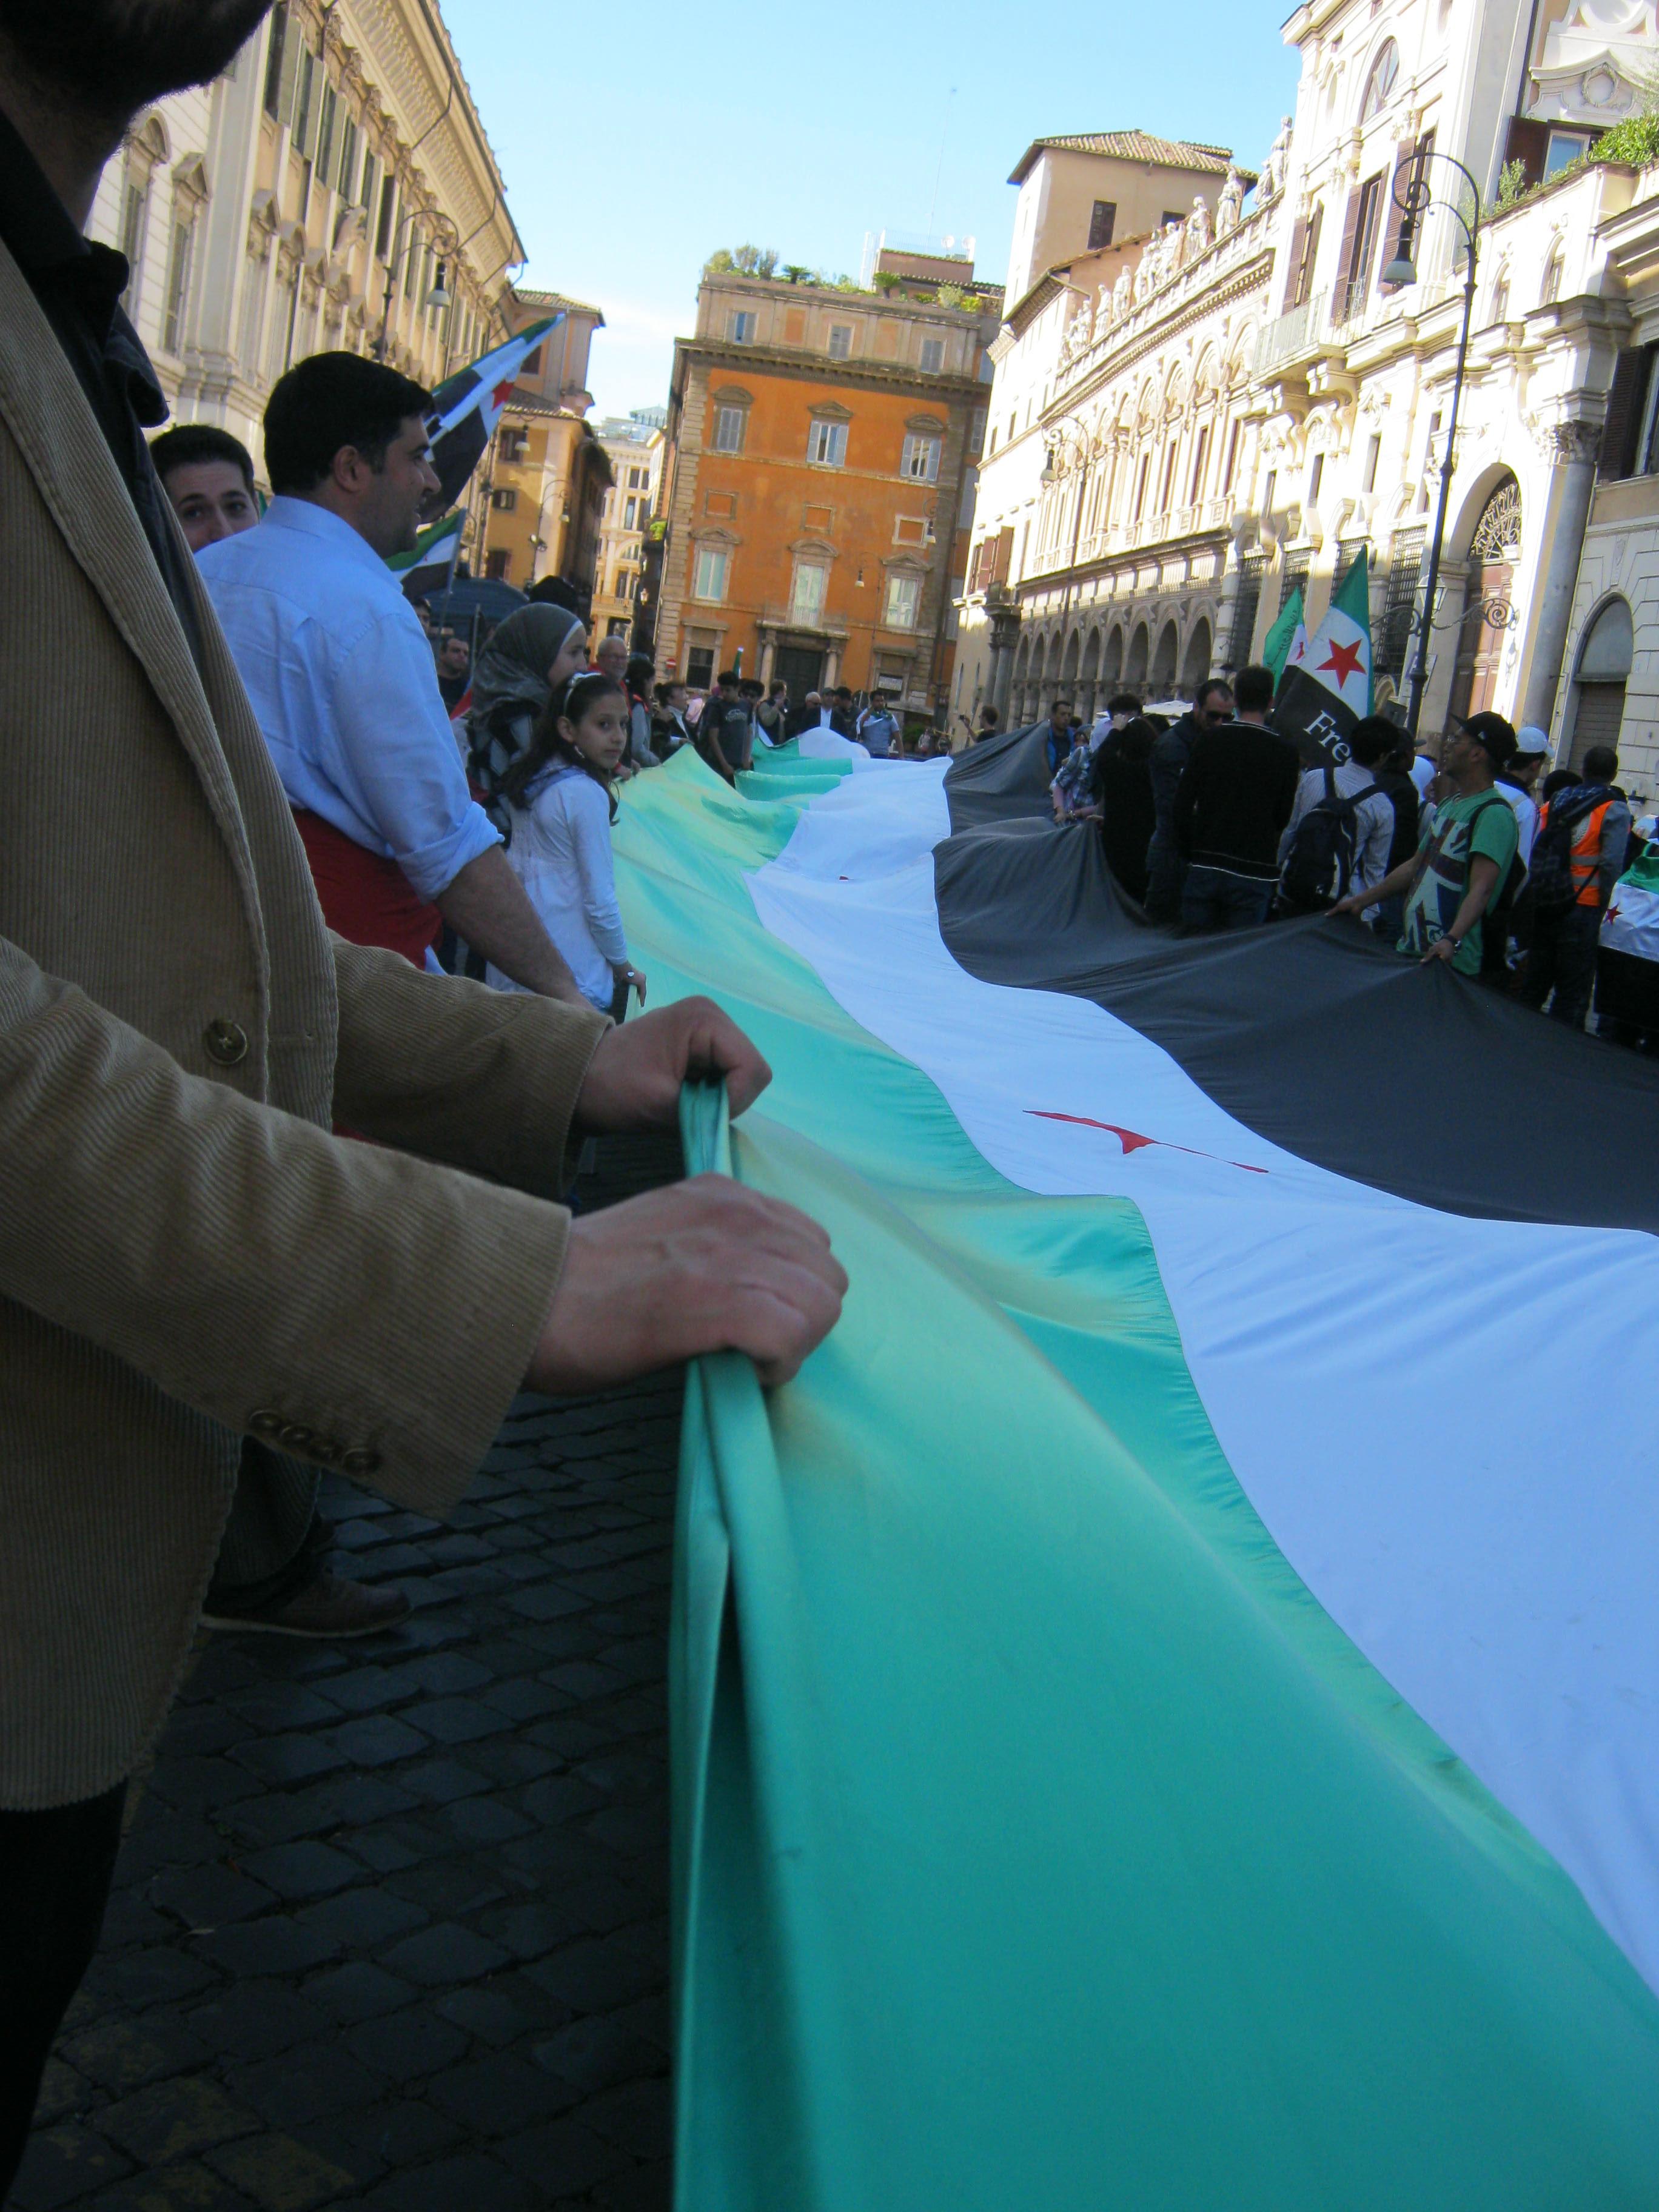 Meuble Salle De Bain Pas Cher Lyon ~ grassroots activism we write what we like page 4